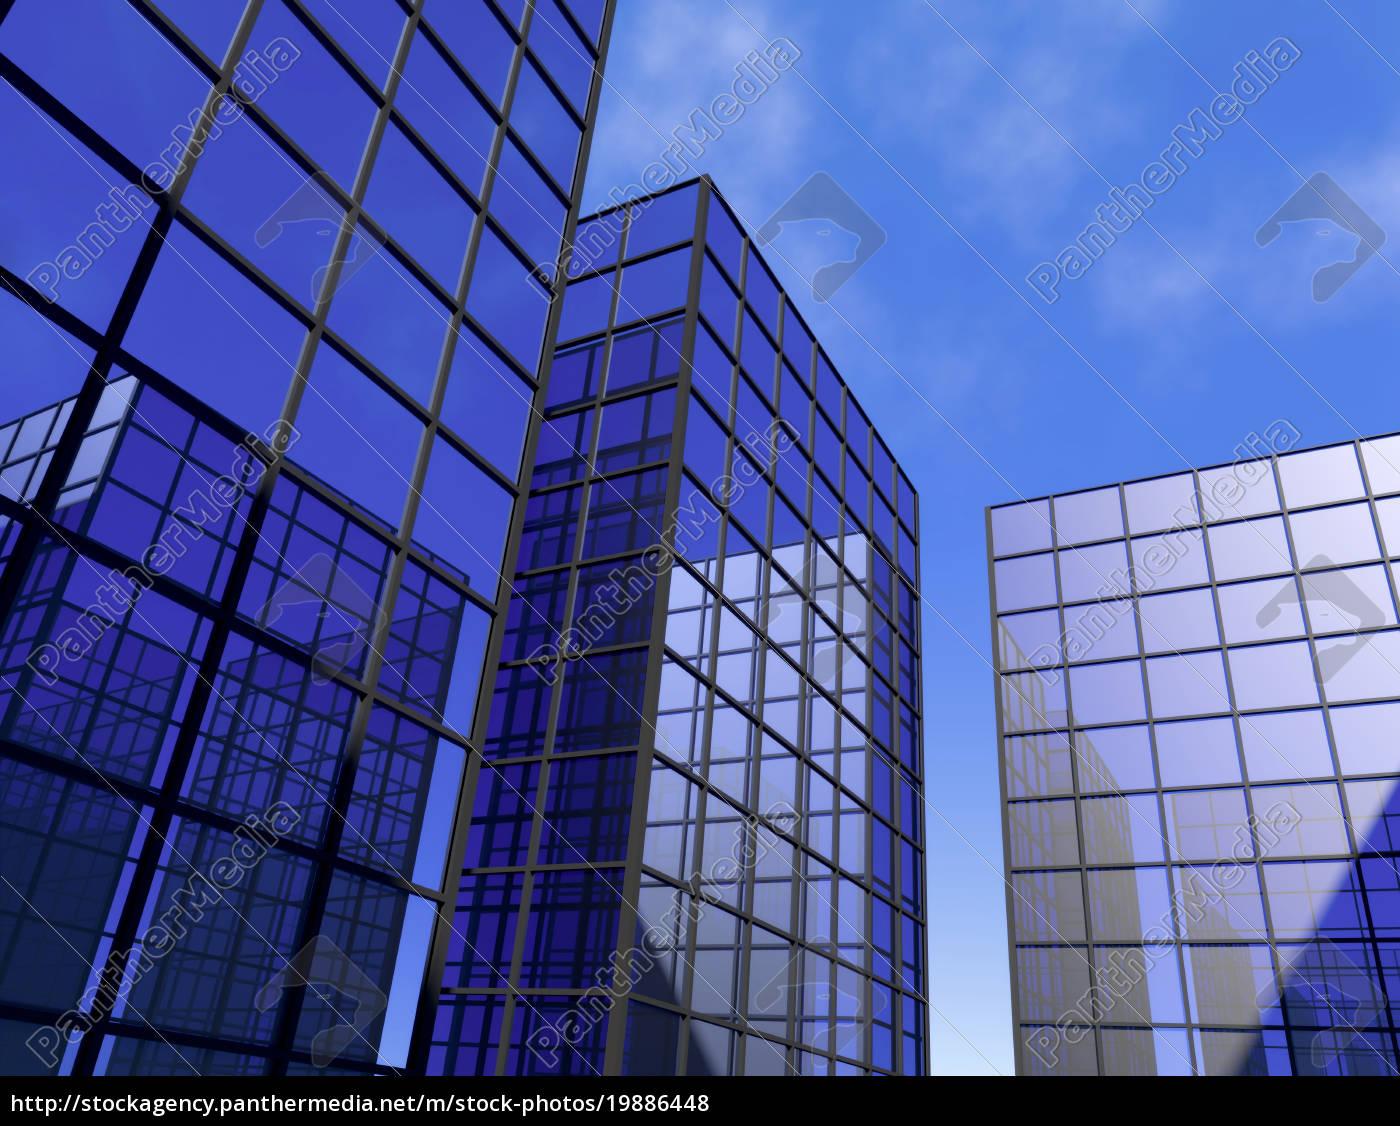 rascacielos, oficina, azul, espejo, vidrio, ventanas - 19886448